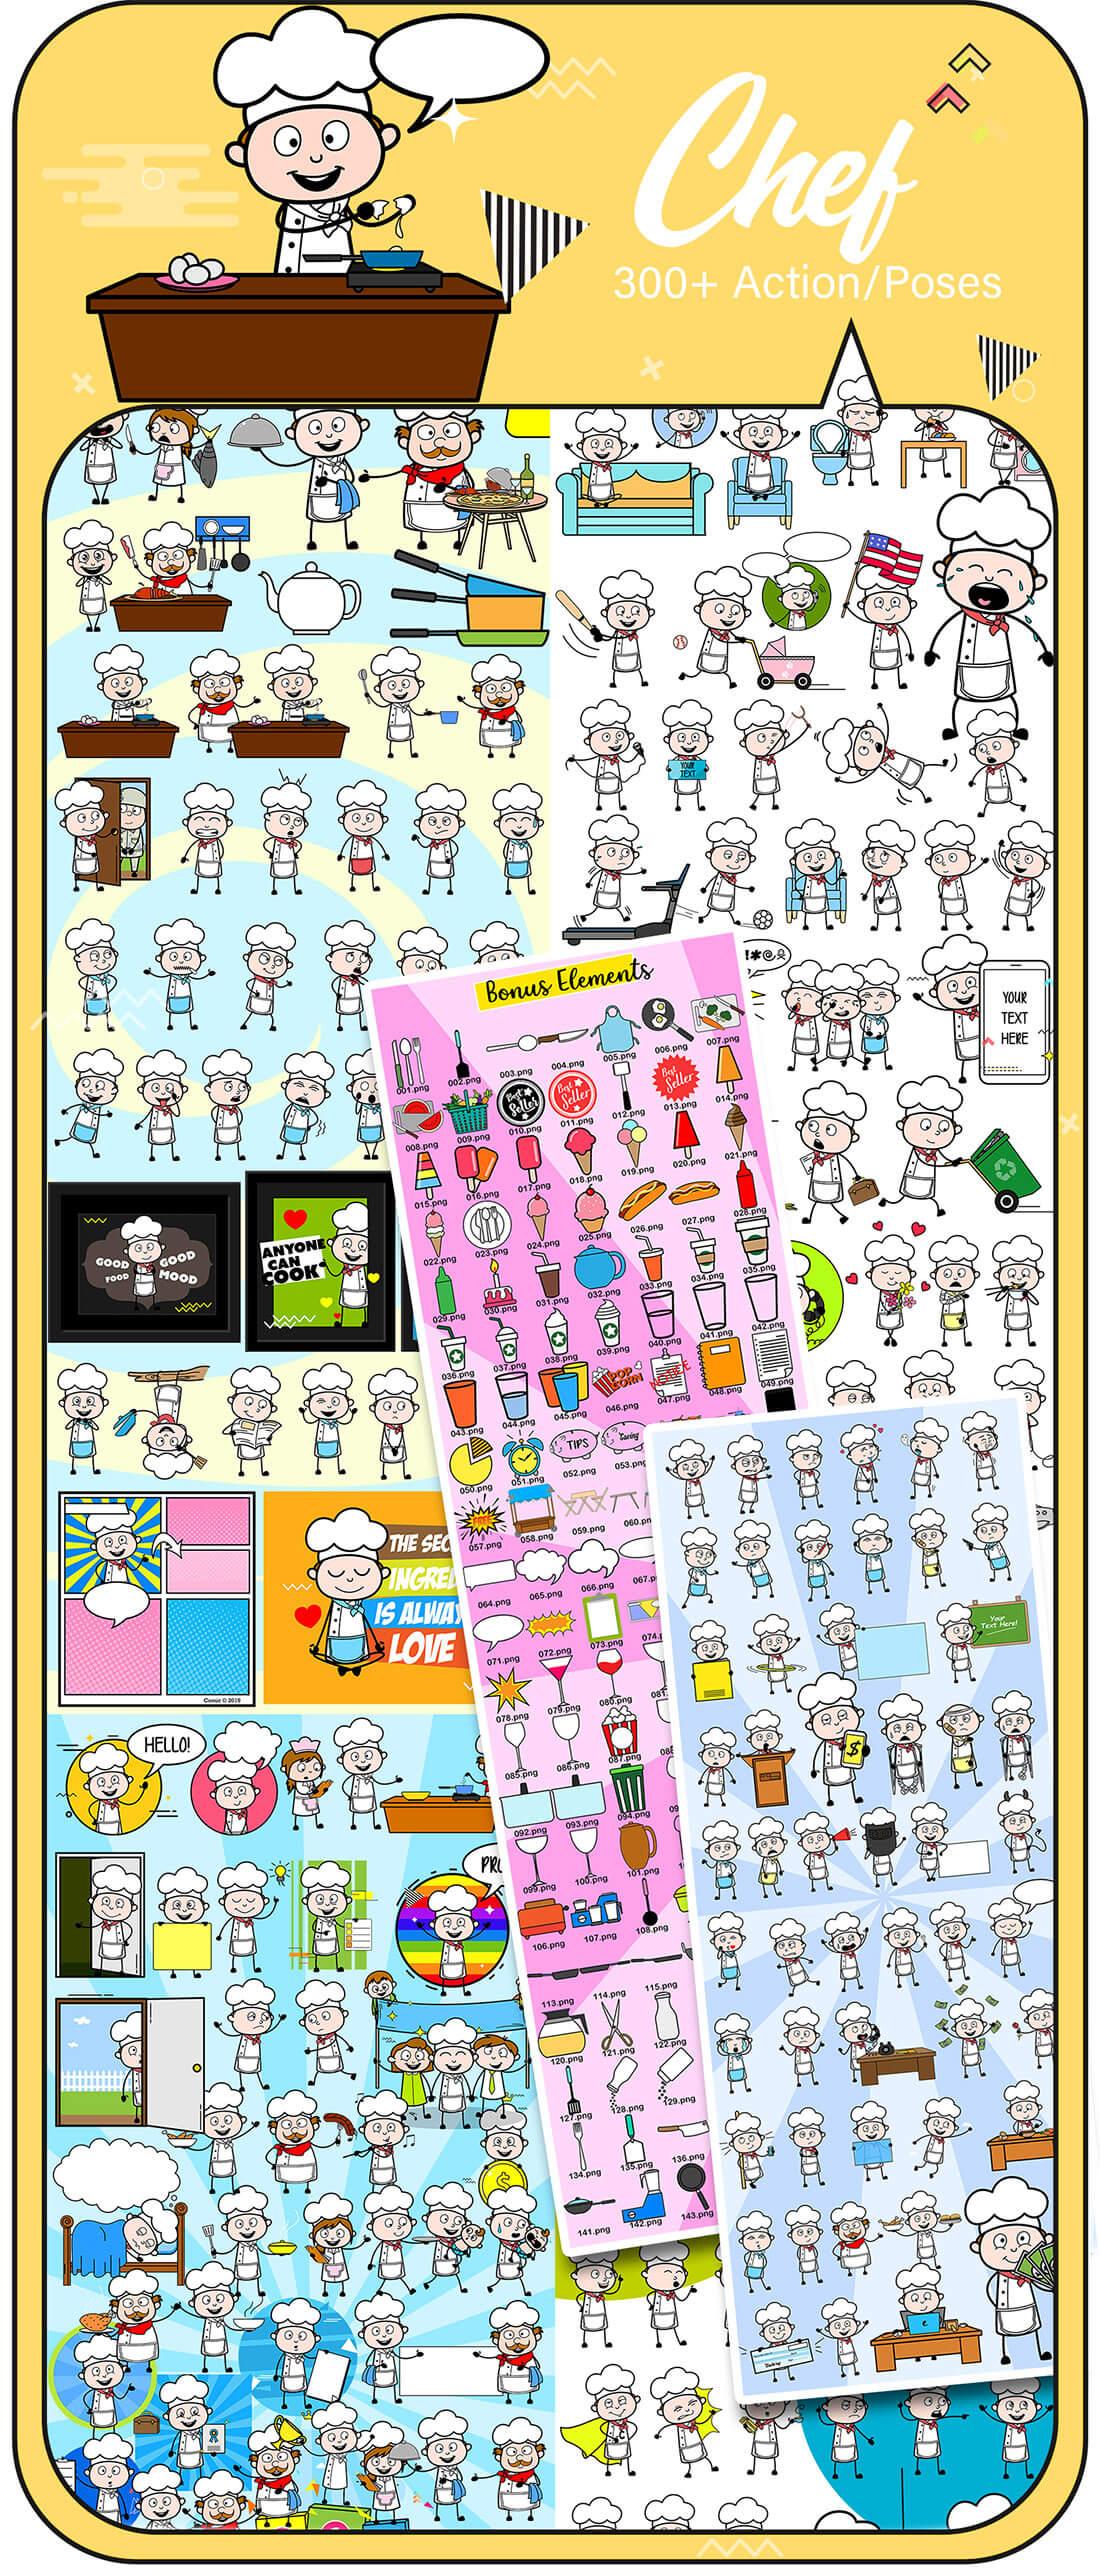 8,000+ Cartoon Character Vectors 2019